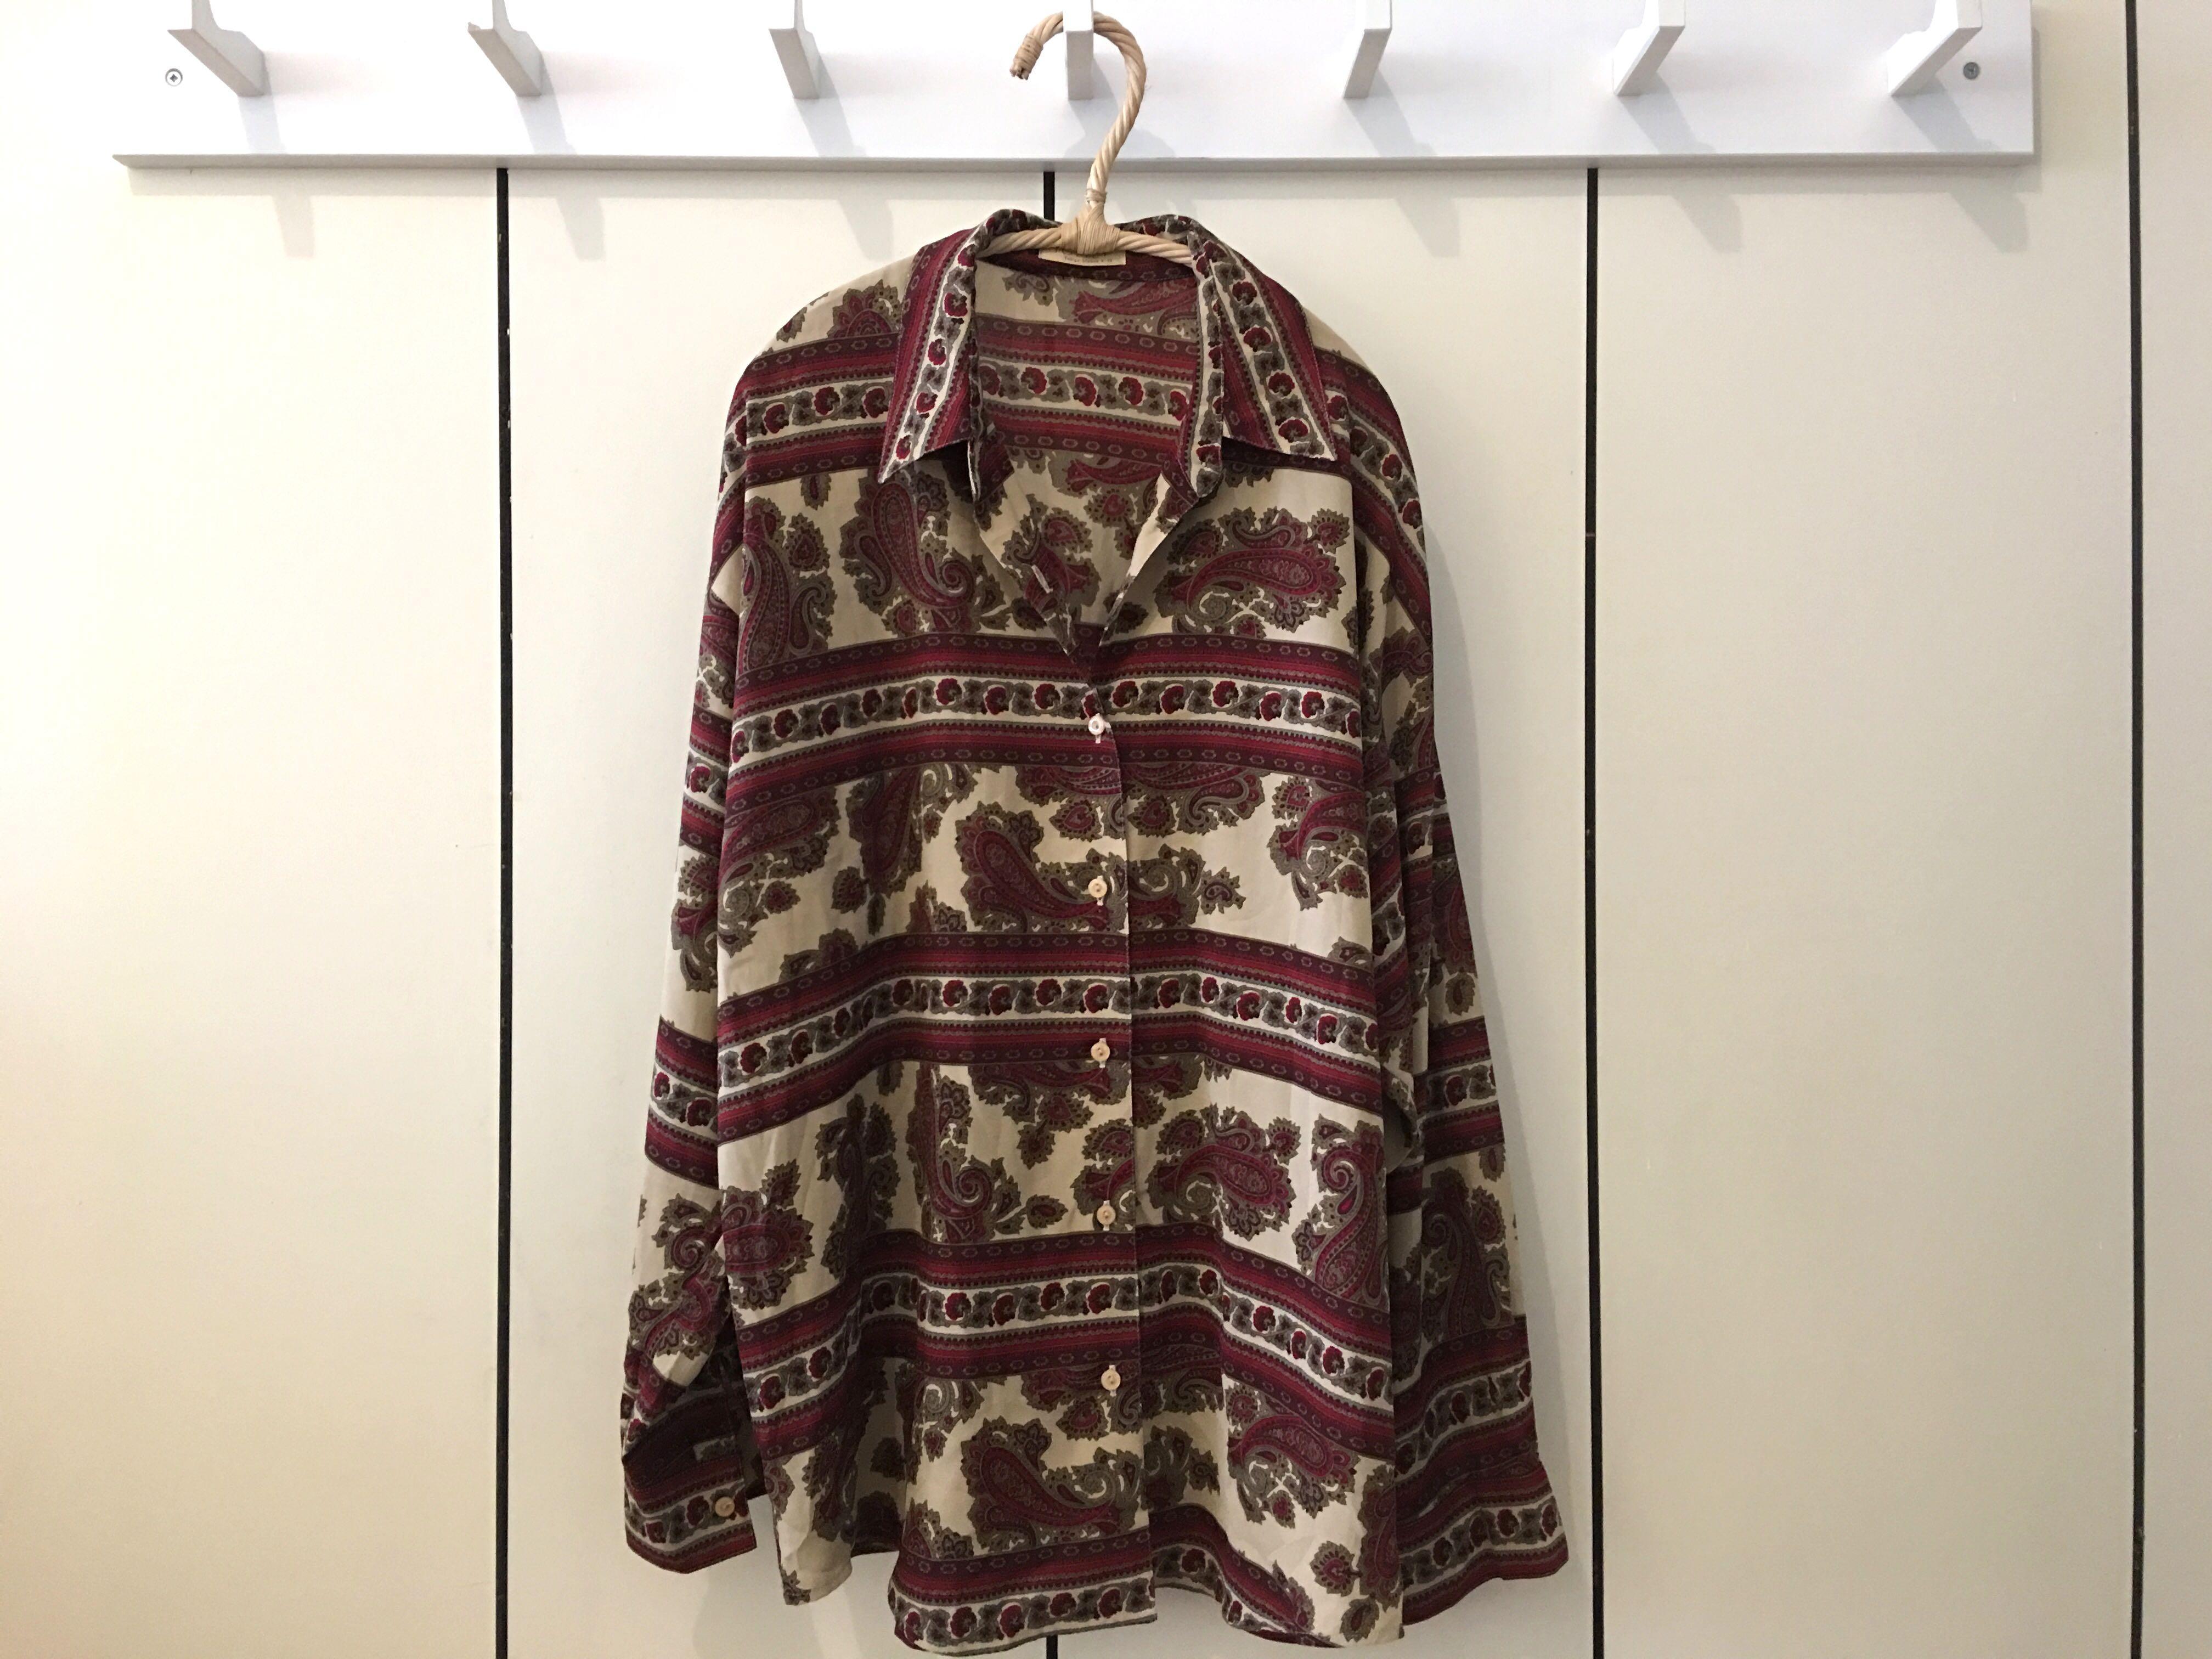 旅行的意義雜貨二手衣工作室 秋天來了 古著 復古 變型蟲 圖騰 襯衫 薄外套